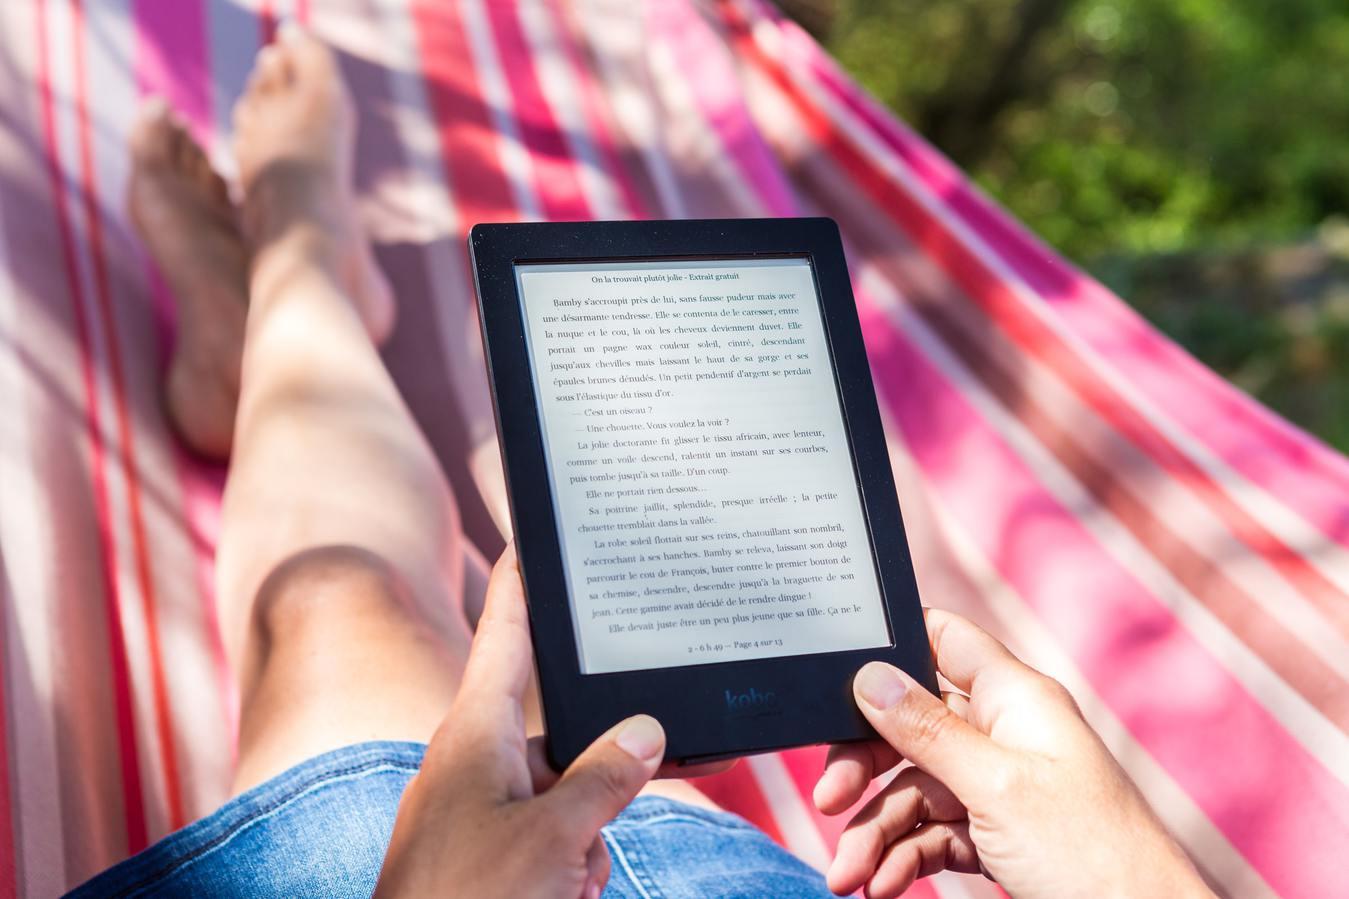 Pessoa lendo e-book ao ar livre